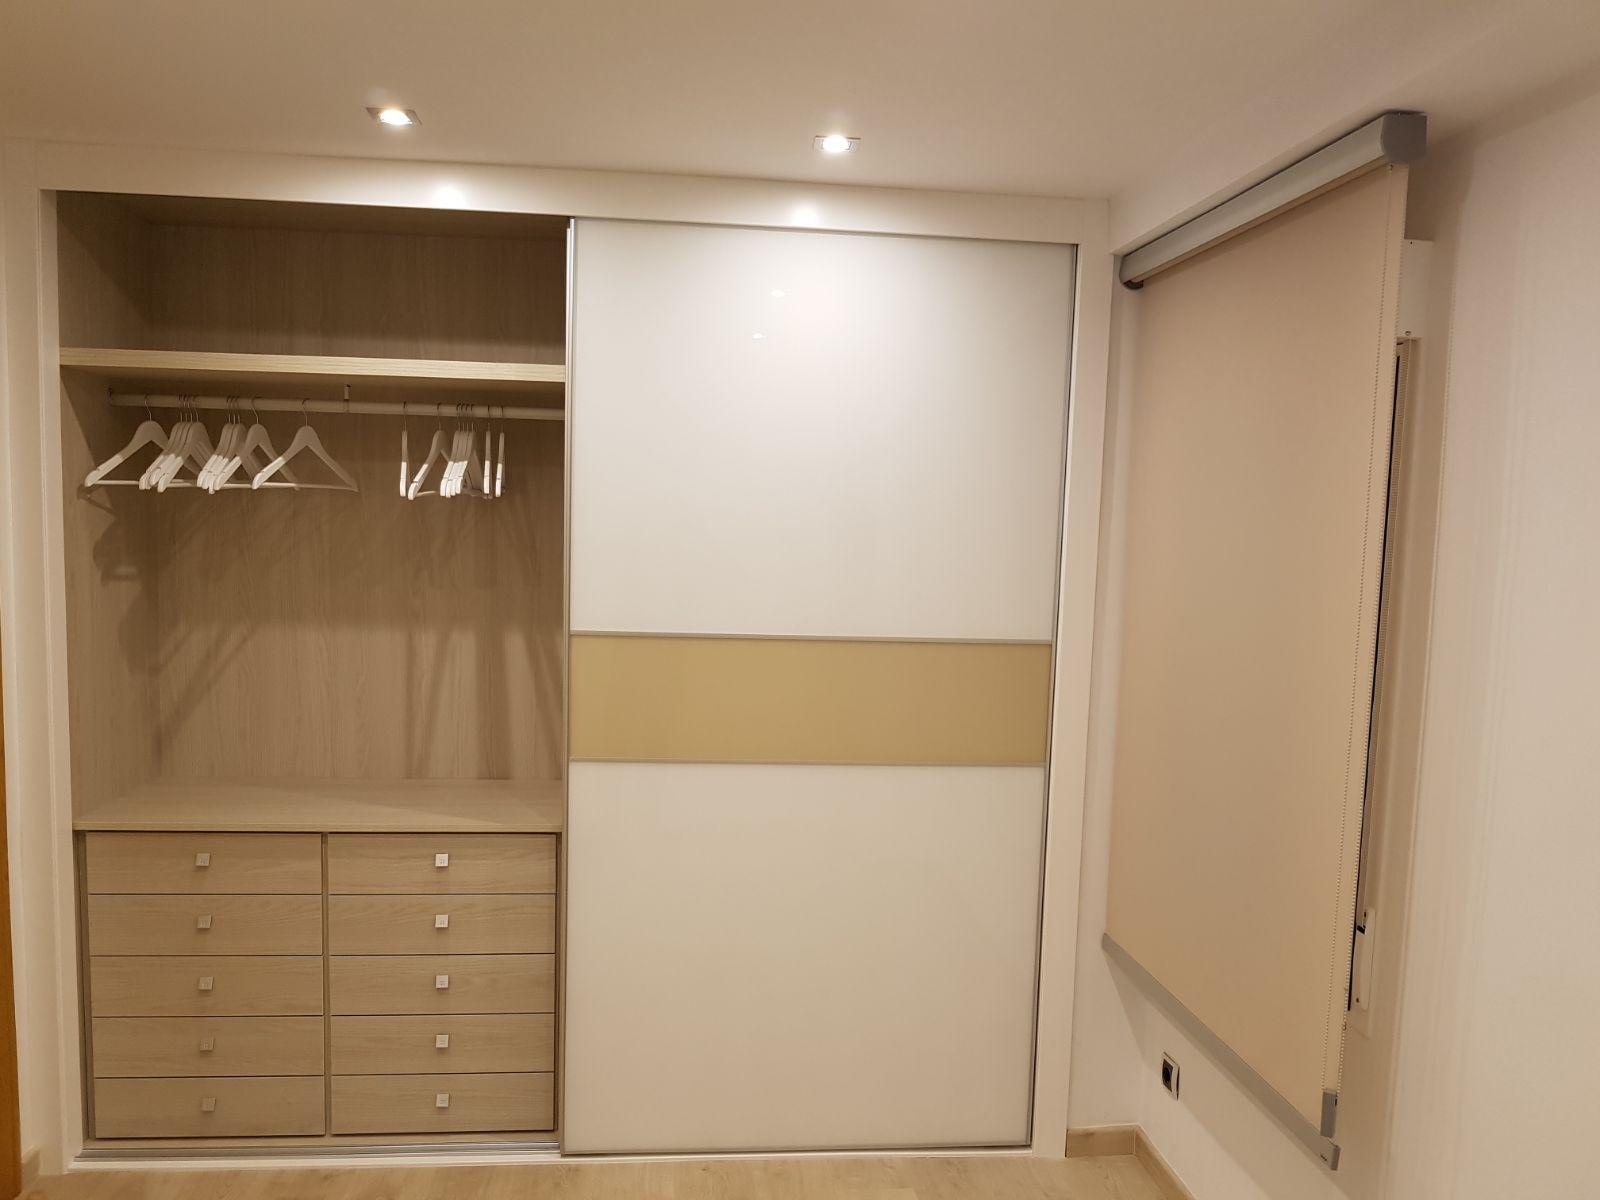 Armario puertas correderas blanco y franja abierto